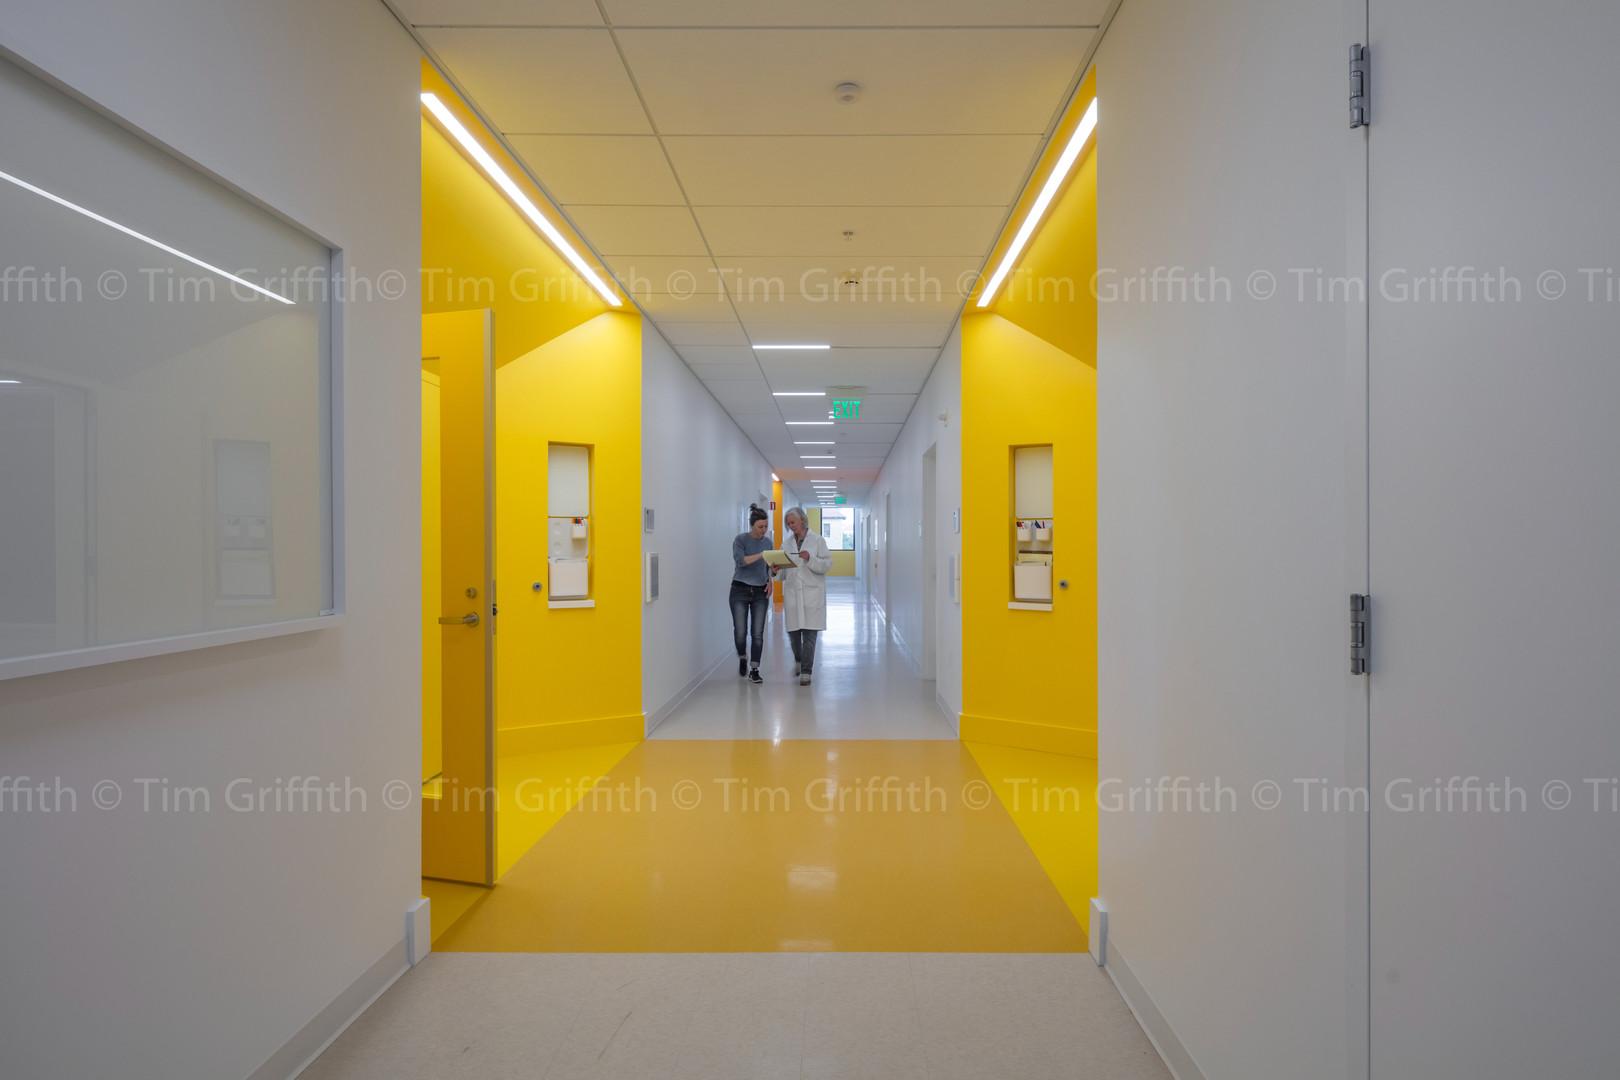 Lab Corridor